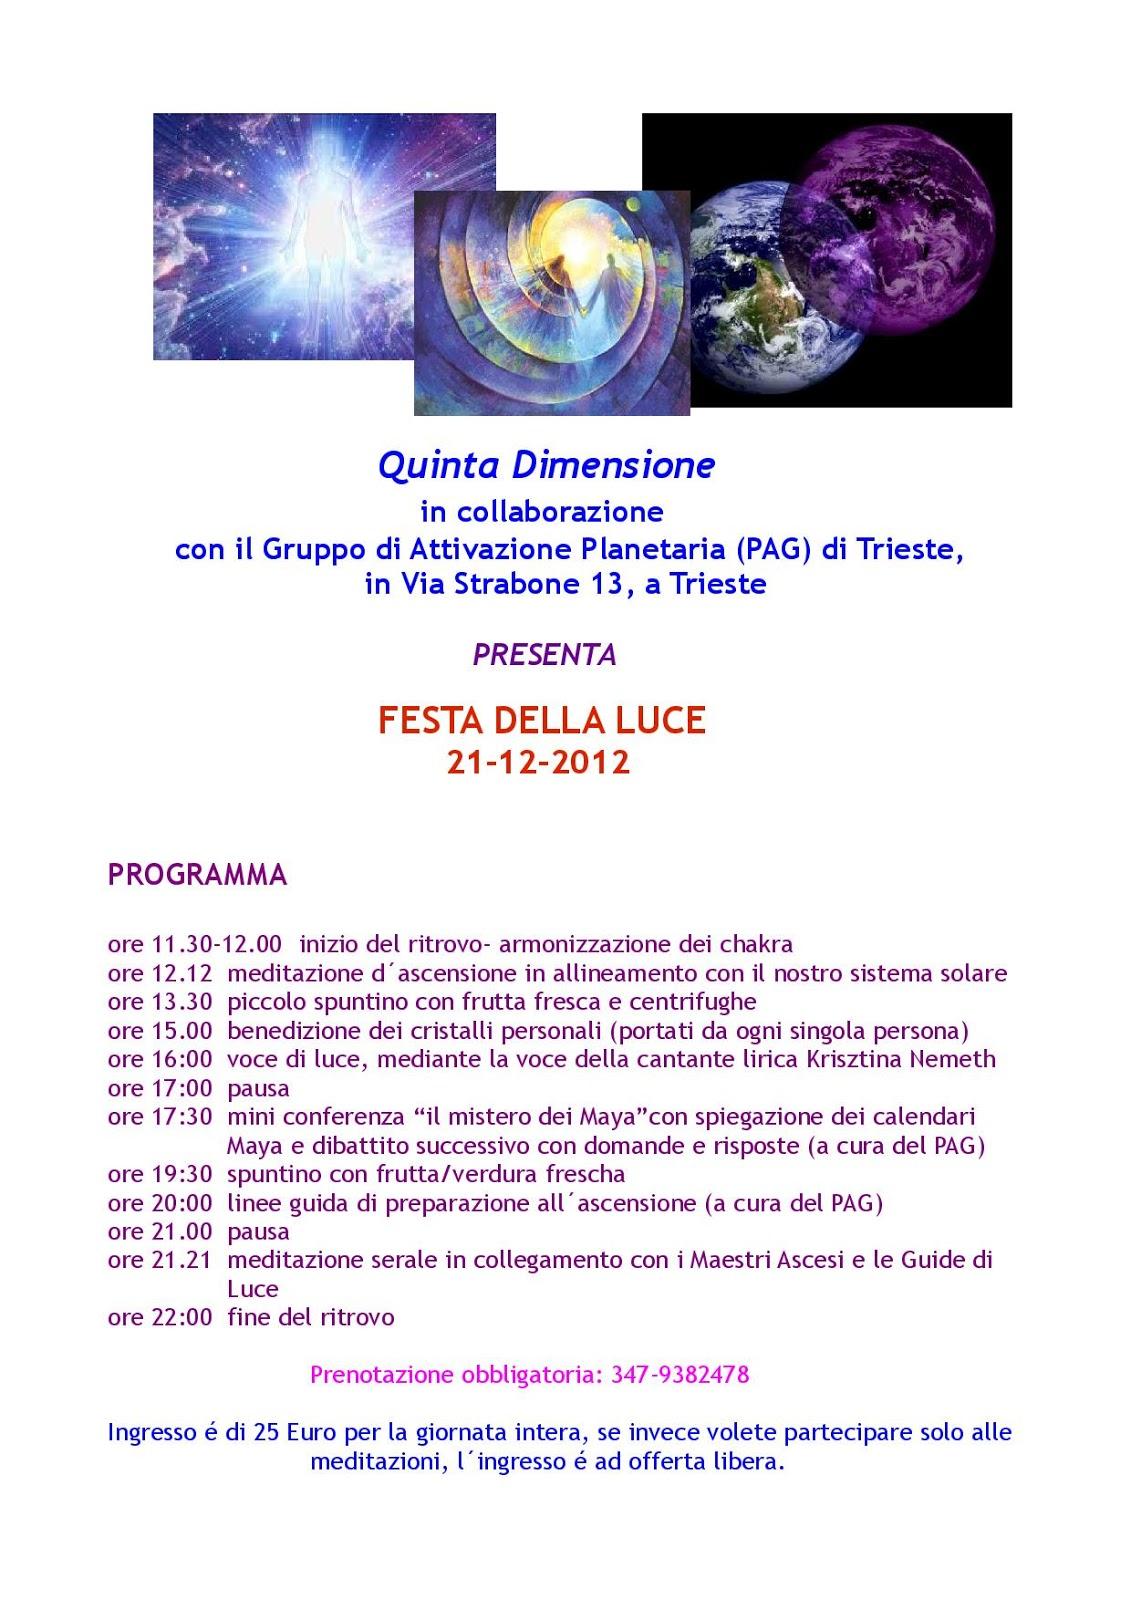 Quinta Dimensione: dicembre 2012